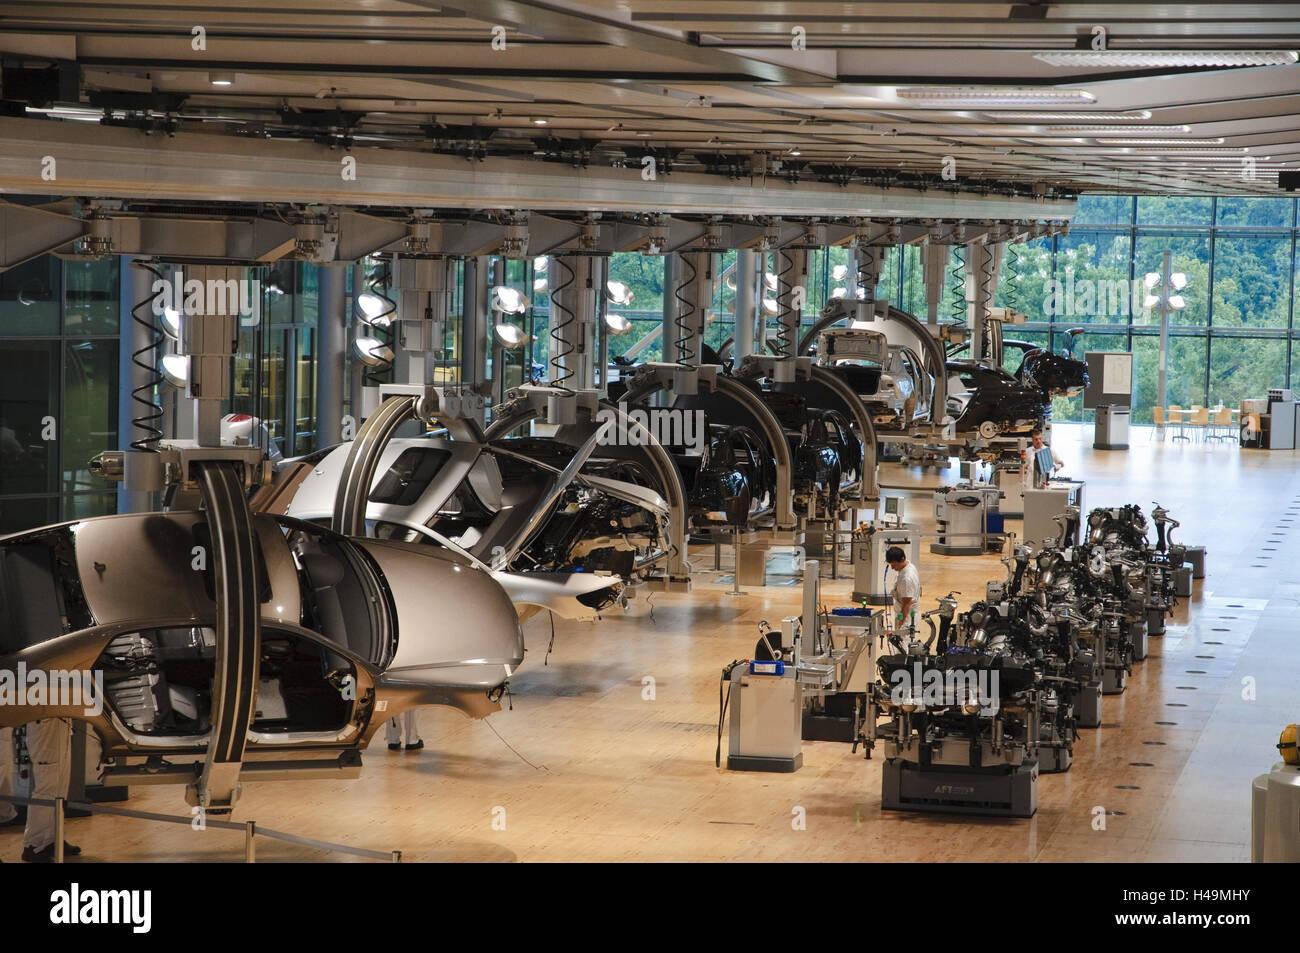 VW-Herstellung, Produktion, Dresden, Sachsen, Deutschland Stockbild